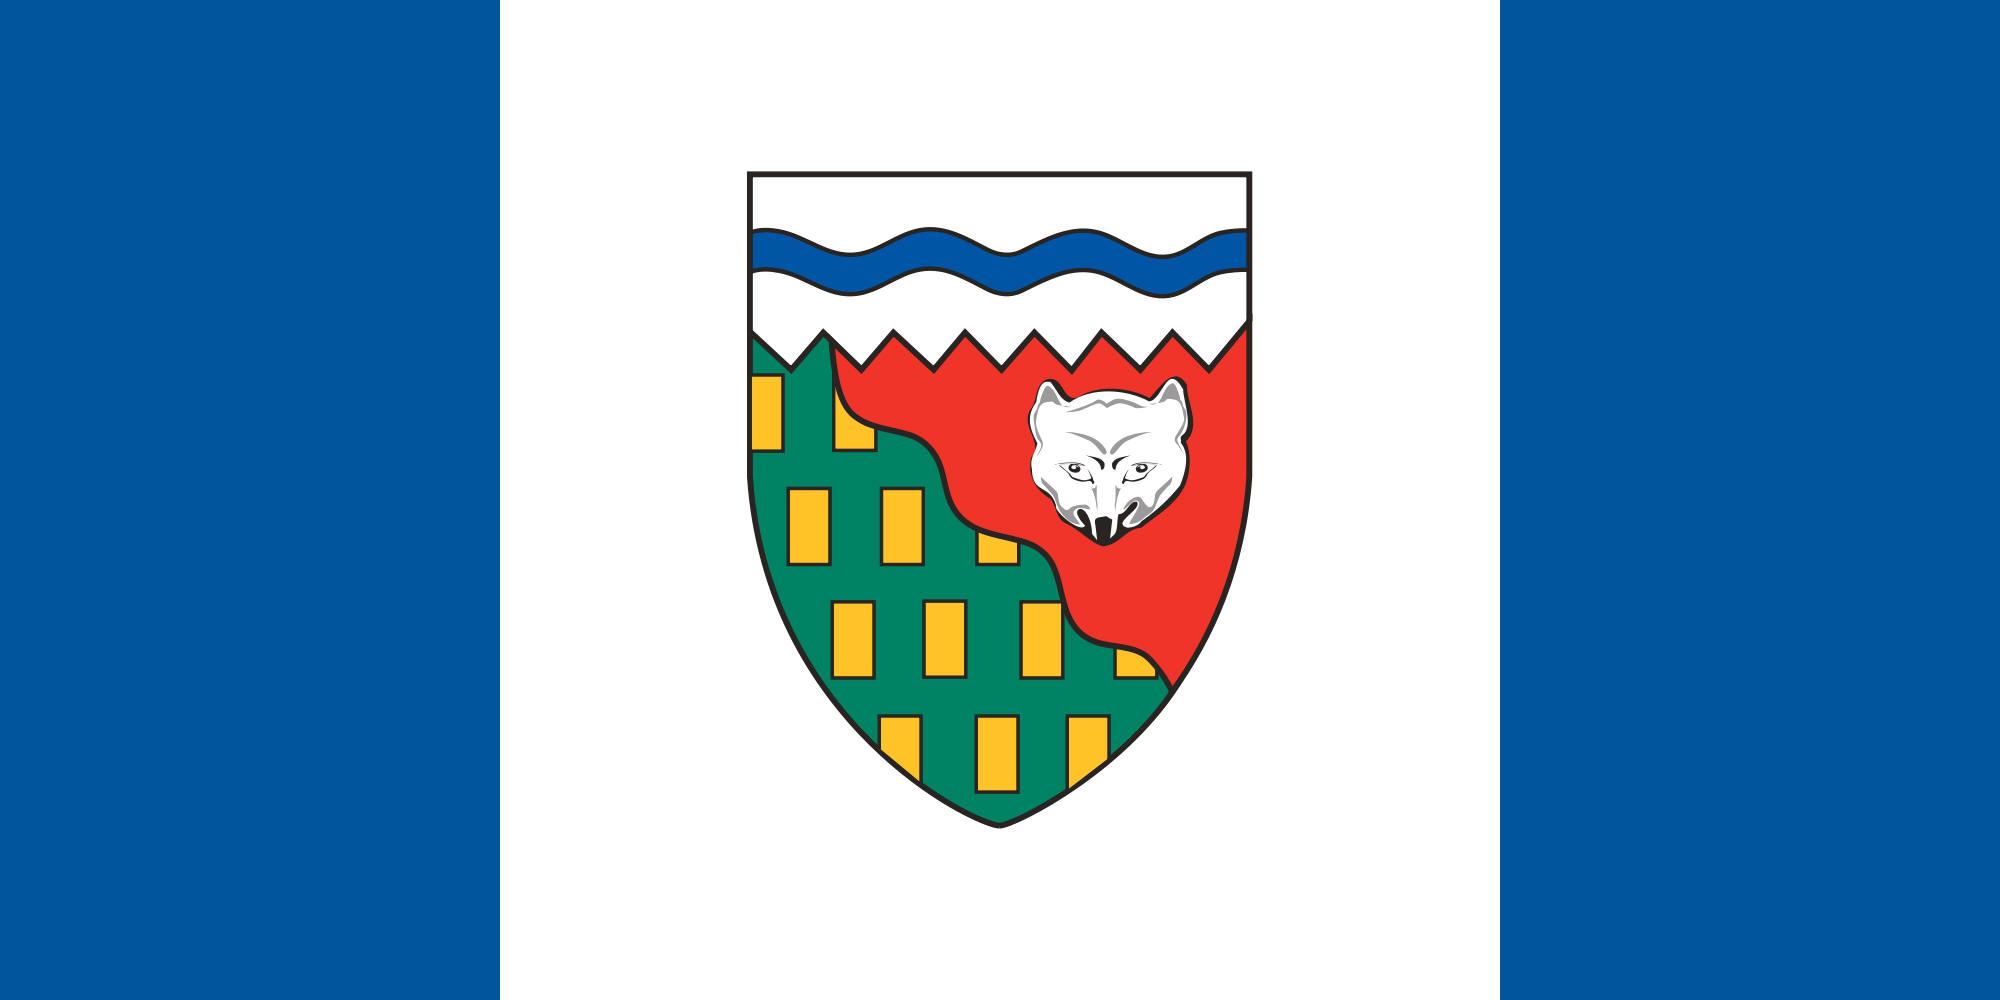 Northwest Territories Canada